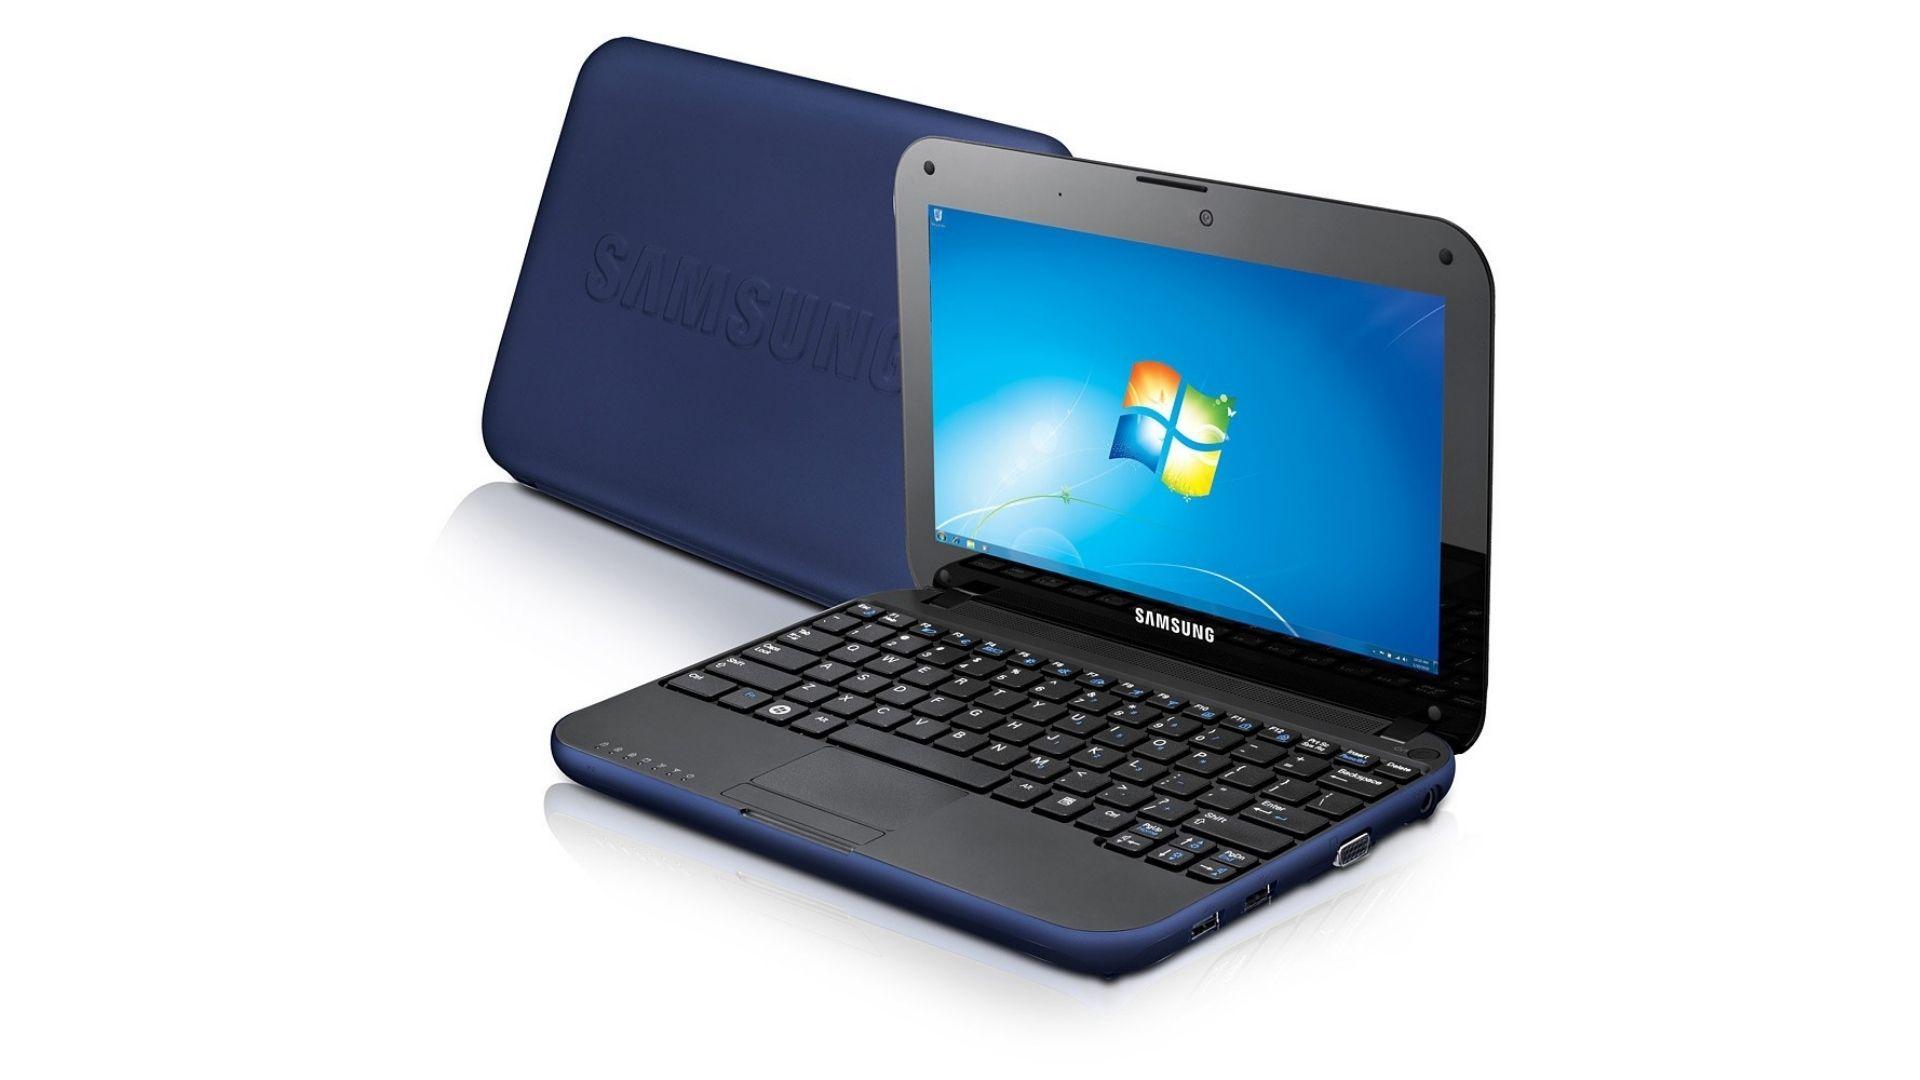 A Samsung foi uma das principais fabricantes de netbook no passado. (Foto: Divulgação/Samsung)